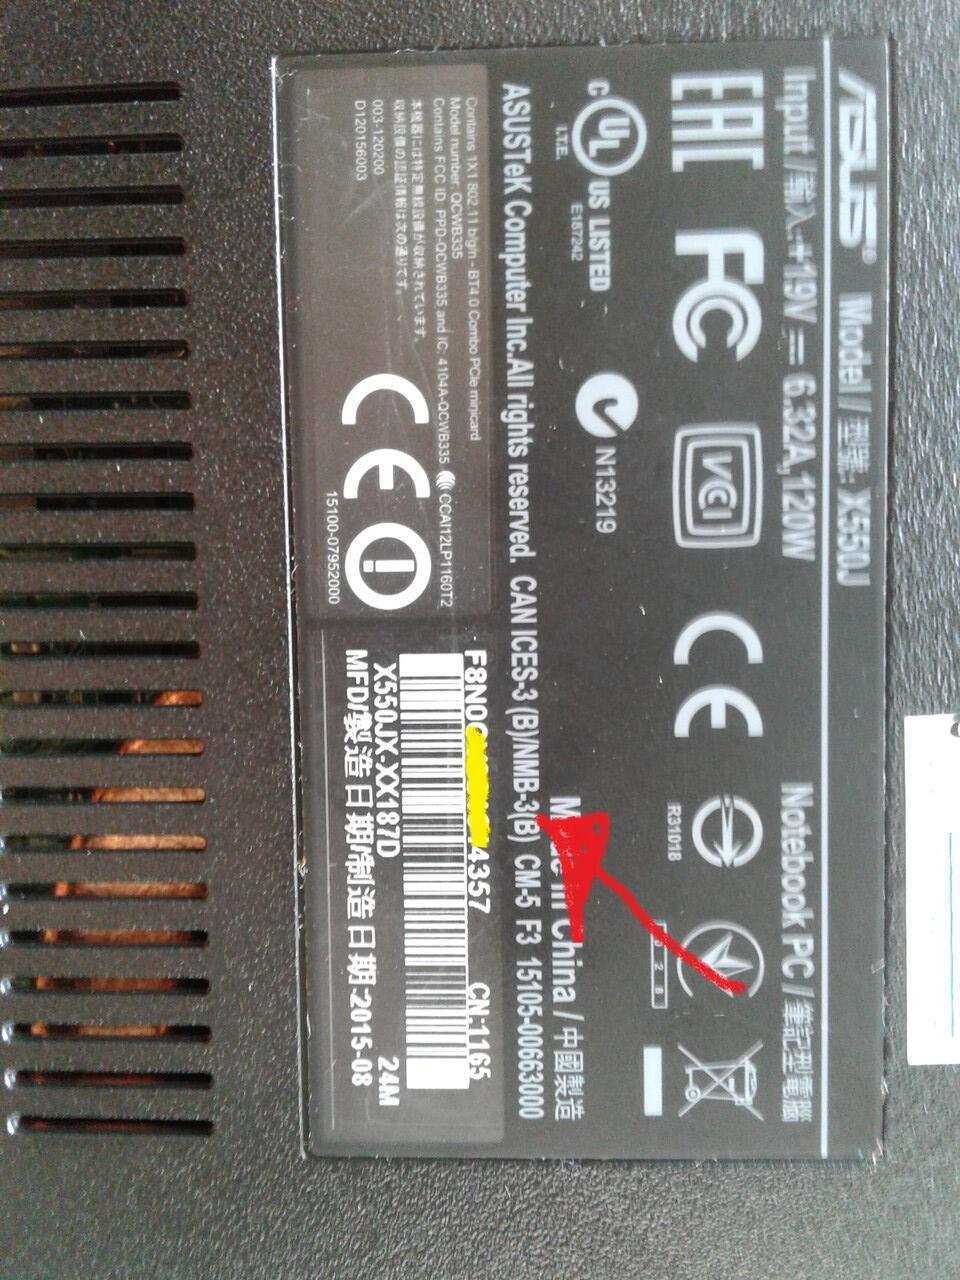 Notpad 2.66 serial key or number